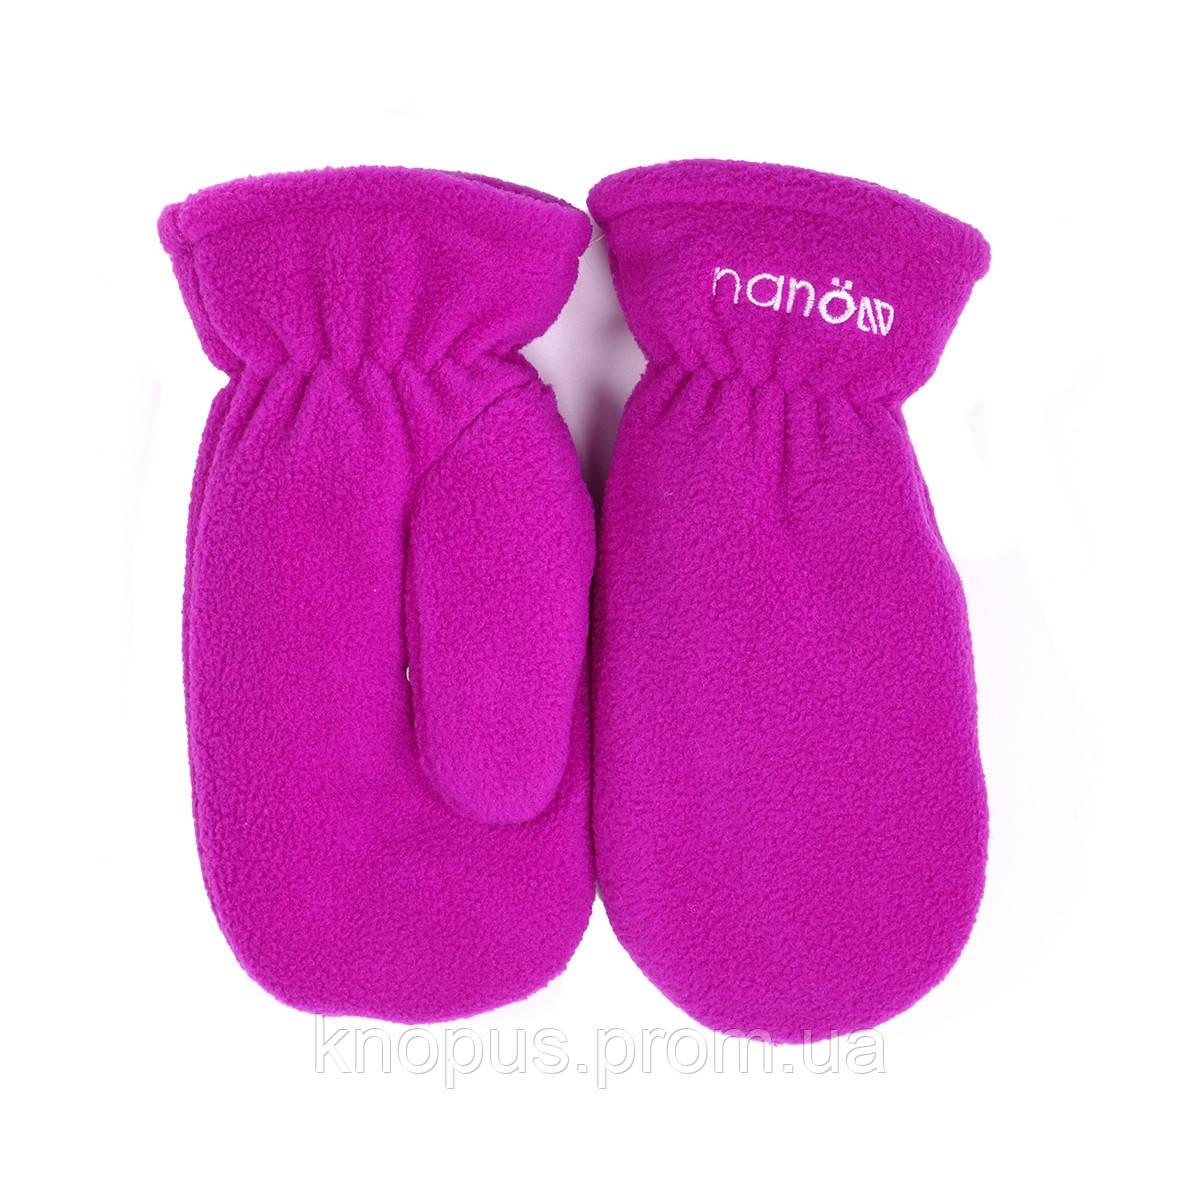 Флисовые варежки на подкладке с утеплителем для левочек, цвета в ассортименте,  Nano. От 12 мес до 12 лет